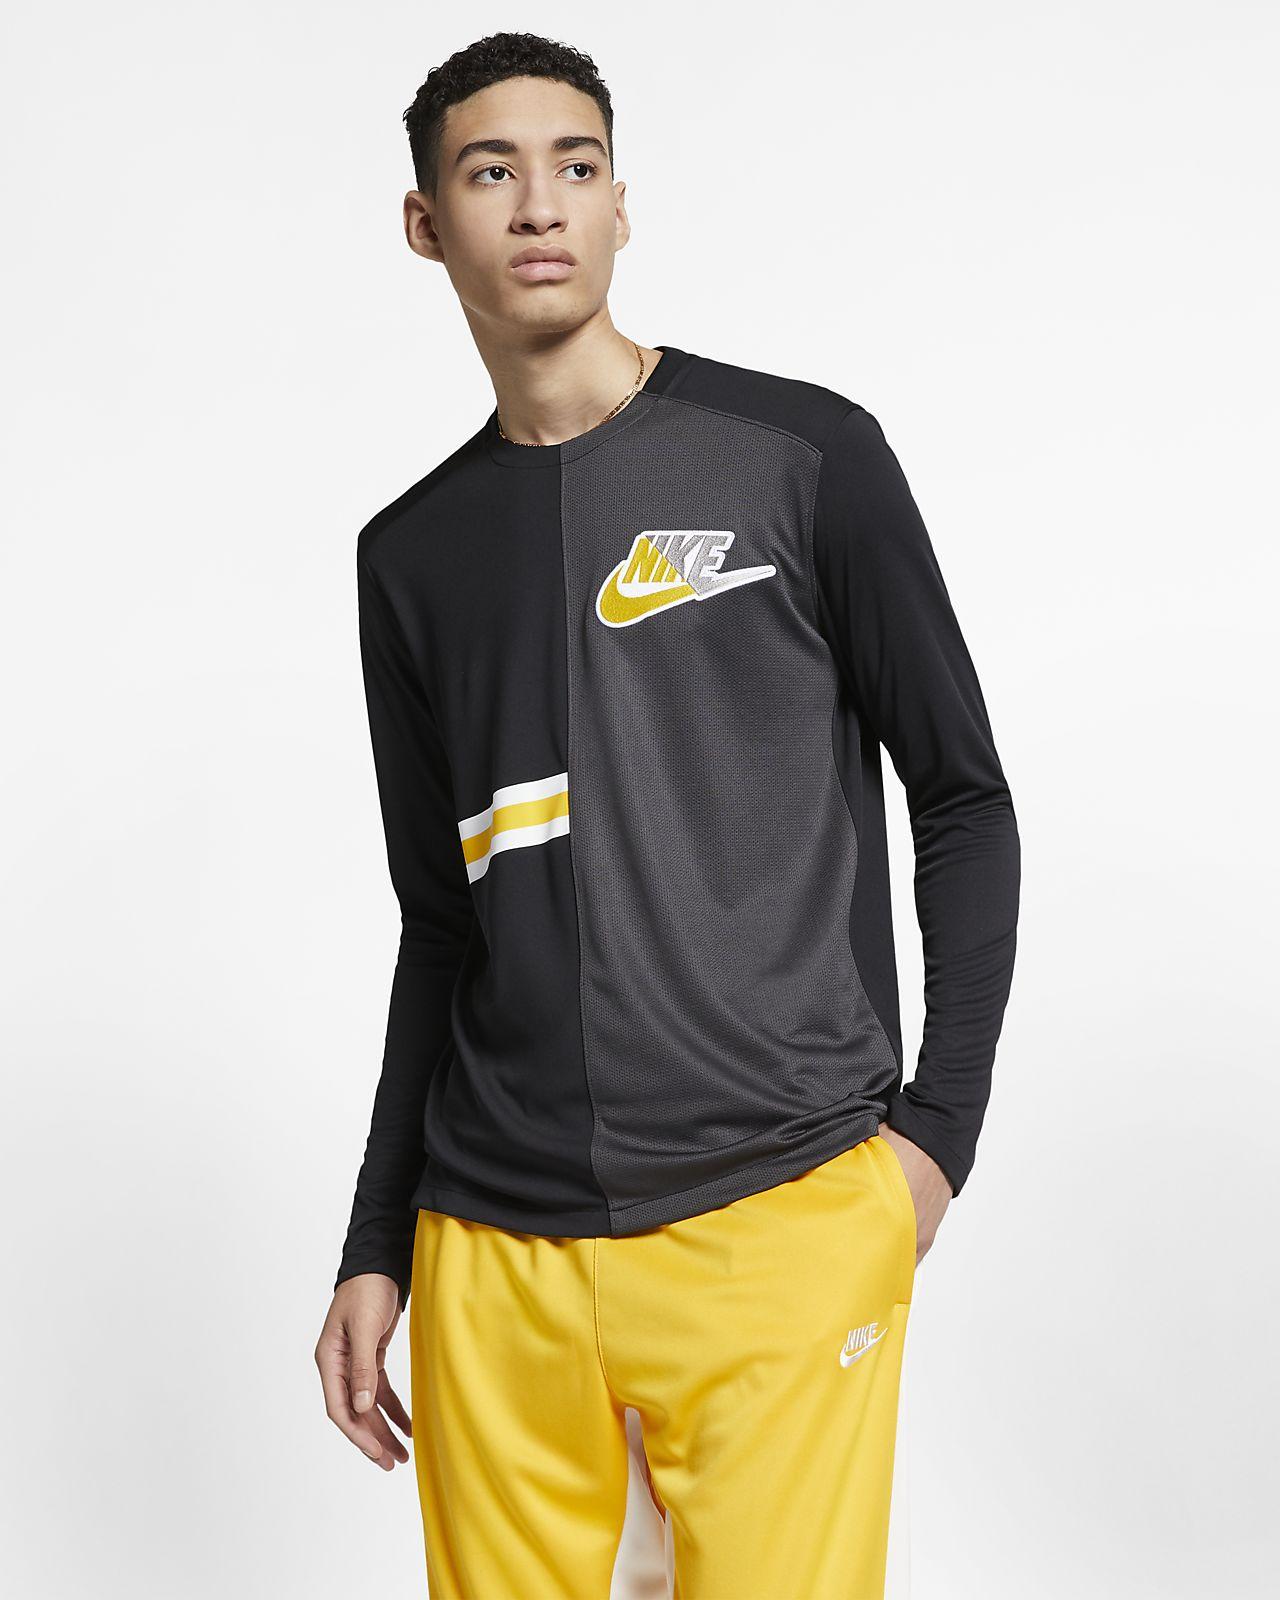 best sneakers 9962f 40c8d ... Långärmad t-shirt Nike Sportswear för män